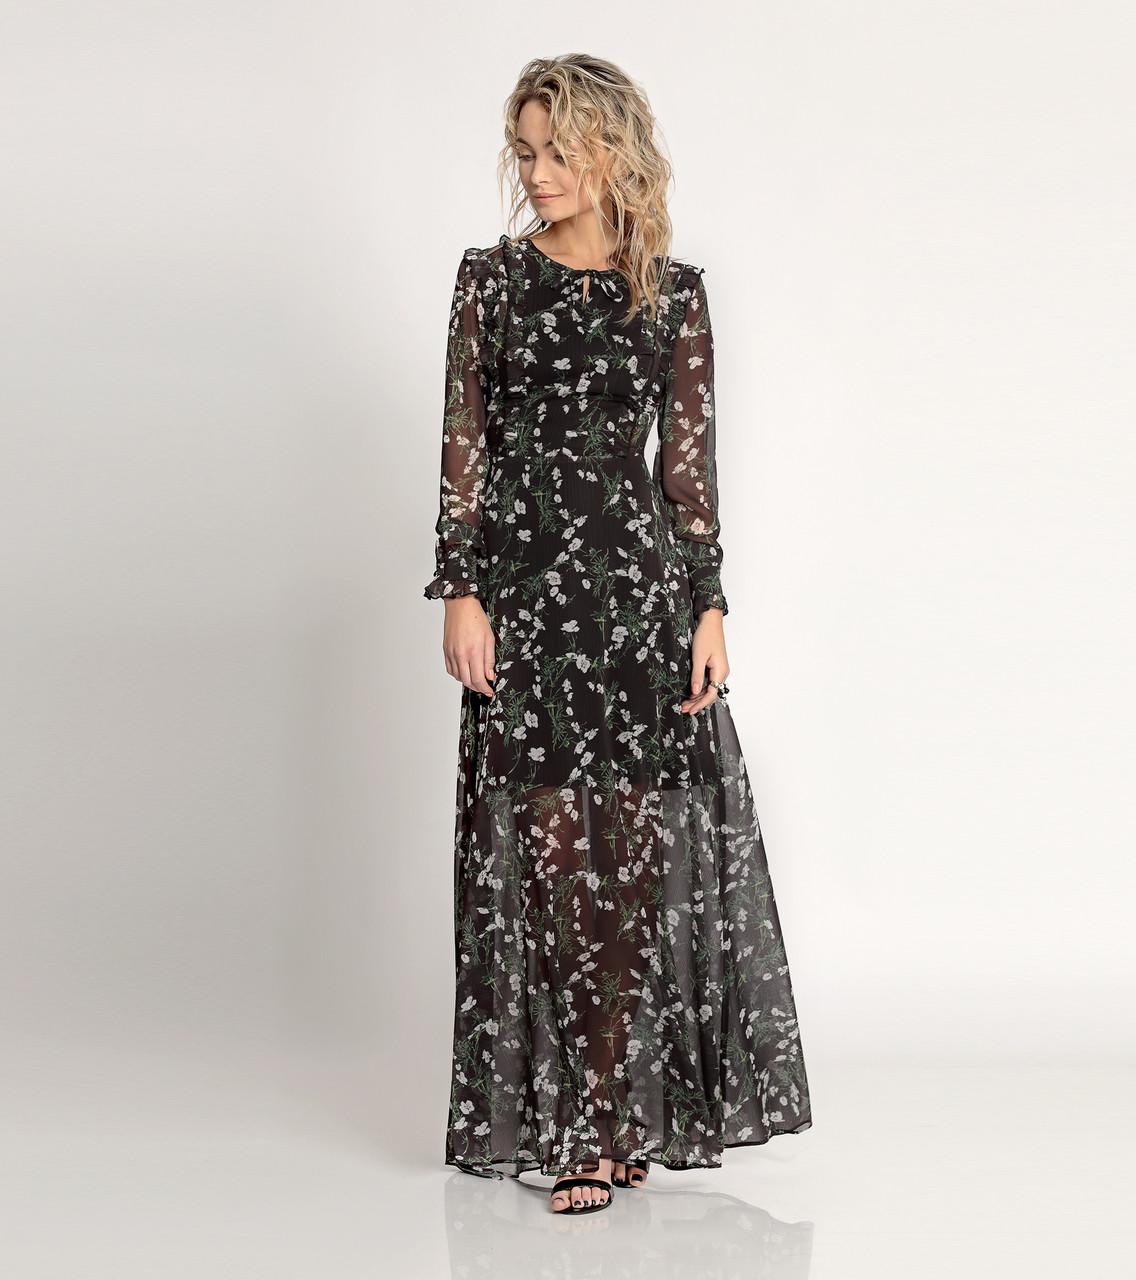 Женское платье Беларусь ПА-155880